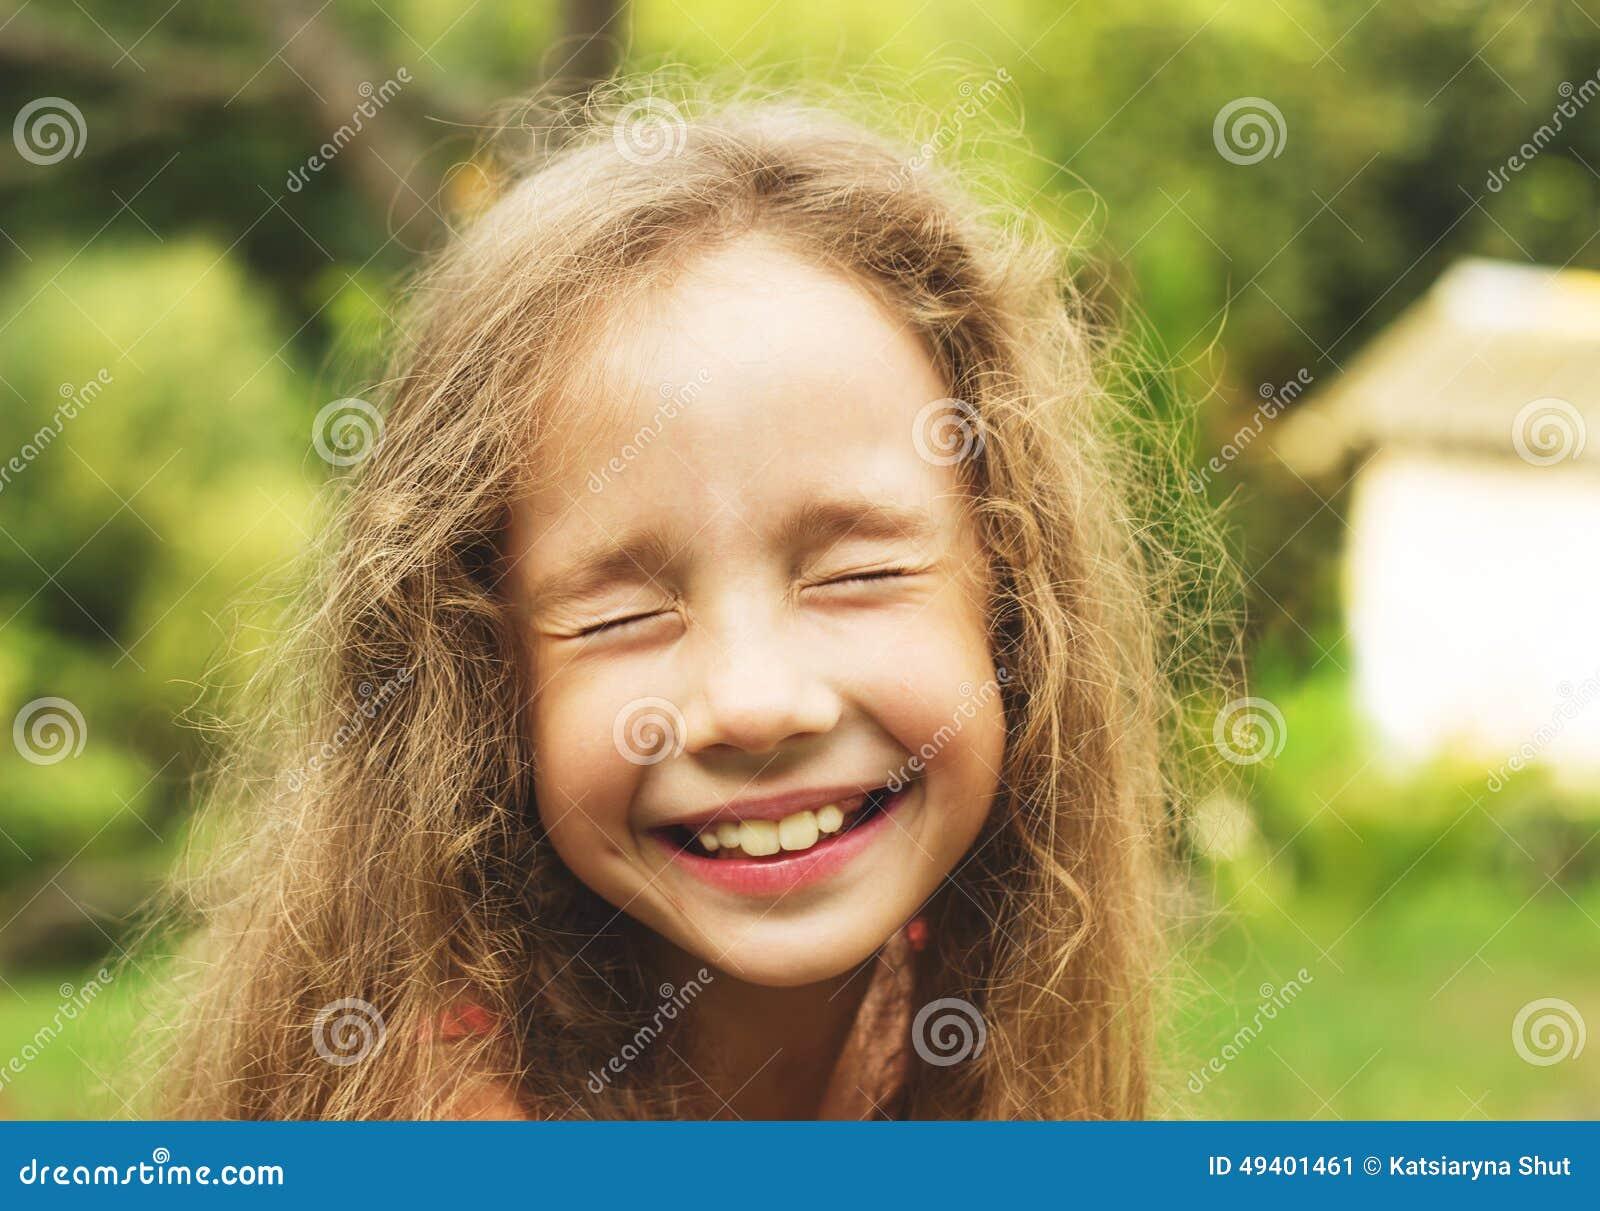 Download Porträt Des Glücklichen Netten Mädchens, Das Spaß Am Sonnigen Tag Hat Stockbild - Bild von freude, fliege: 49401461